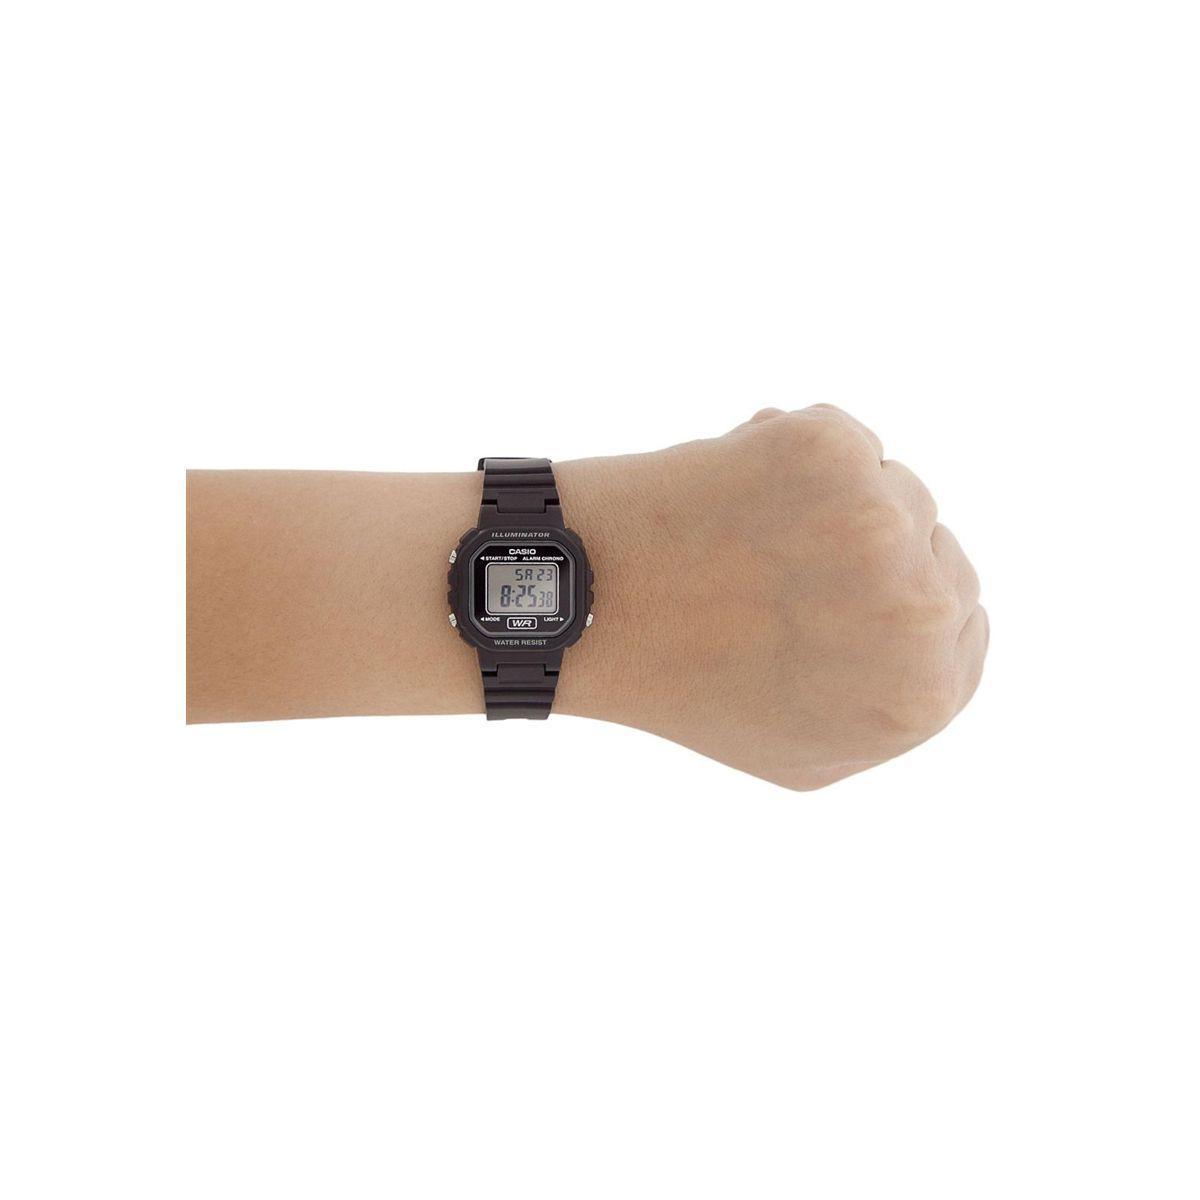 39e30c197e2 Relógio Casio la-20wh-1b Digital - Preto - Relógios - Magazine Luiza